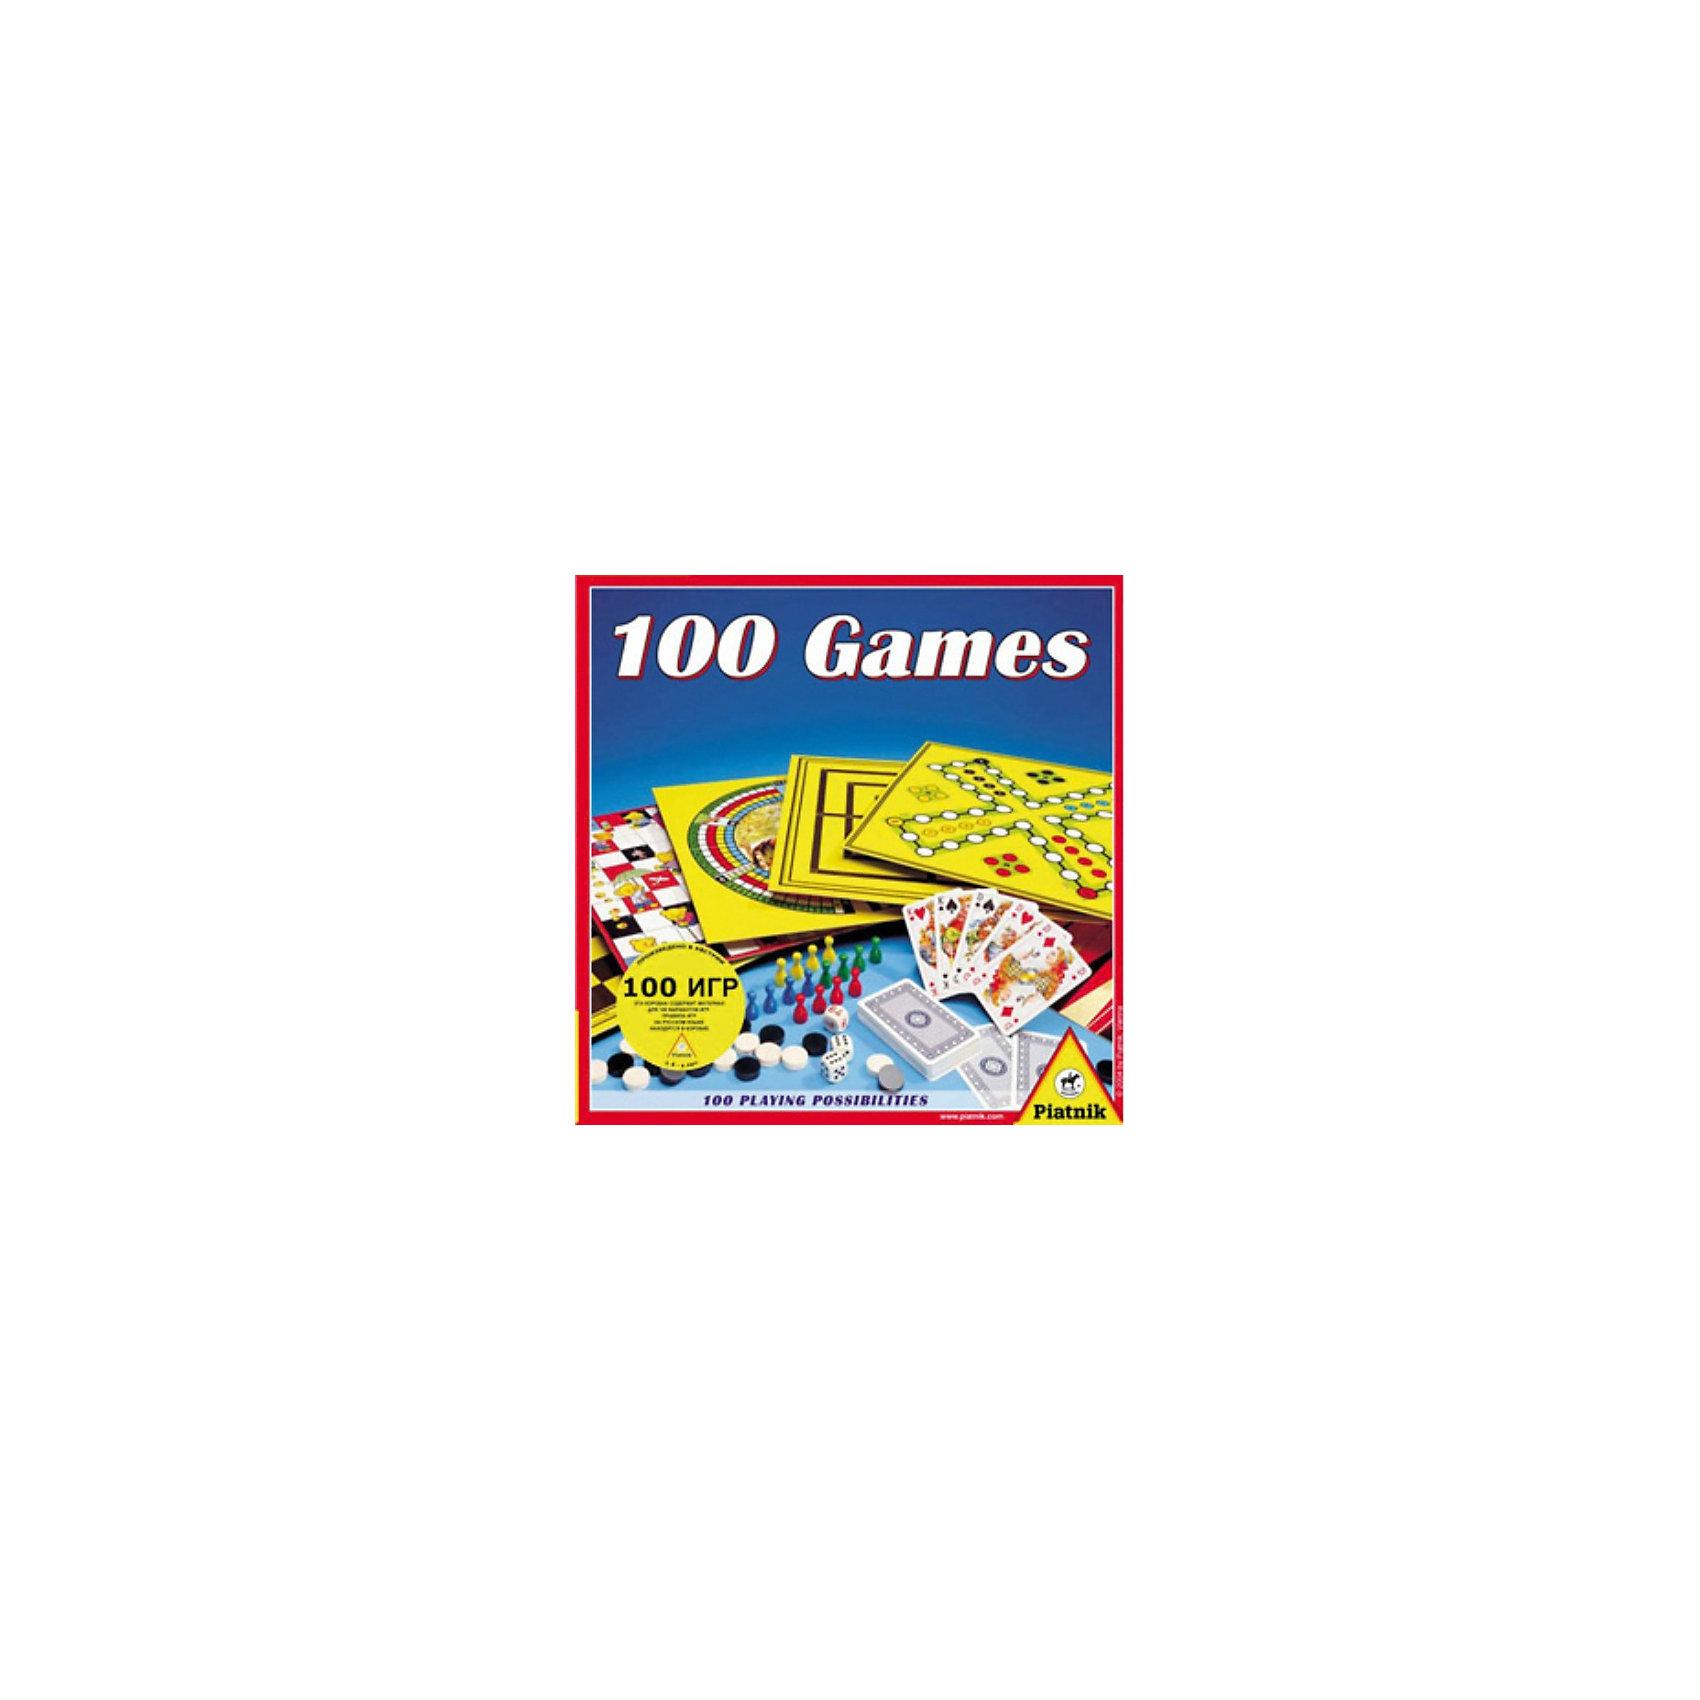 Набор 100 игр, PiatnikВы хотели бы иметь дома не одну-две, а сразу сотню настольных игр?  Скорее всего, вы подумаете, что это было бы неплохо, но  во сколько может обойтись подобная покупка? А как насчет возможности получить все сто настольных игр по цене одной? Согласитесь, что подобное предложение звучит заманчиво, однако остается нерешенным еще один вопрос - где потом хранить сотню картонных коробок с играми?  Не выделять же для этого целый шкаф. С развлекательным набором «100 игр» от компании Piatnik этого делать не придётся. В одной упаковке вы найдёте  целых сто разных игр: шашки, шахматы, «Лестница», «Мельница», «Скачки», «Backgammon»,  «Oh Pardon» и множество других увлекательных игр уместились в одной небольшой картонной коробке. Ваша семья и друзья наверняка оценят  возможность столь широкого выбора, который позволит каждому найти занятие по душе.<br><br>Ширина мм: 295<br>Глубина мм: 295<br>Высота мм: 70<br>Вес г: 680<br>Возраст от месяцев: 72<br>Возраст до месяцев: 1188<br>Пол: Унисекс<br>Возраст: Детский<br>SKU: 2237182